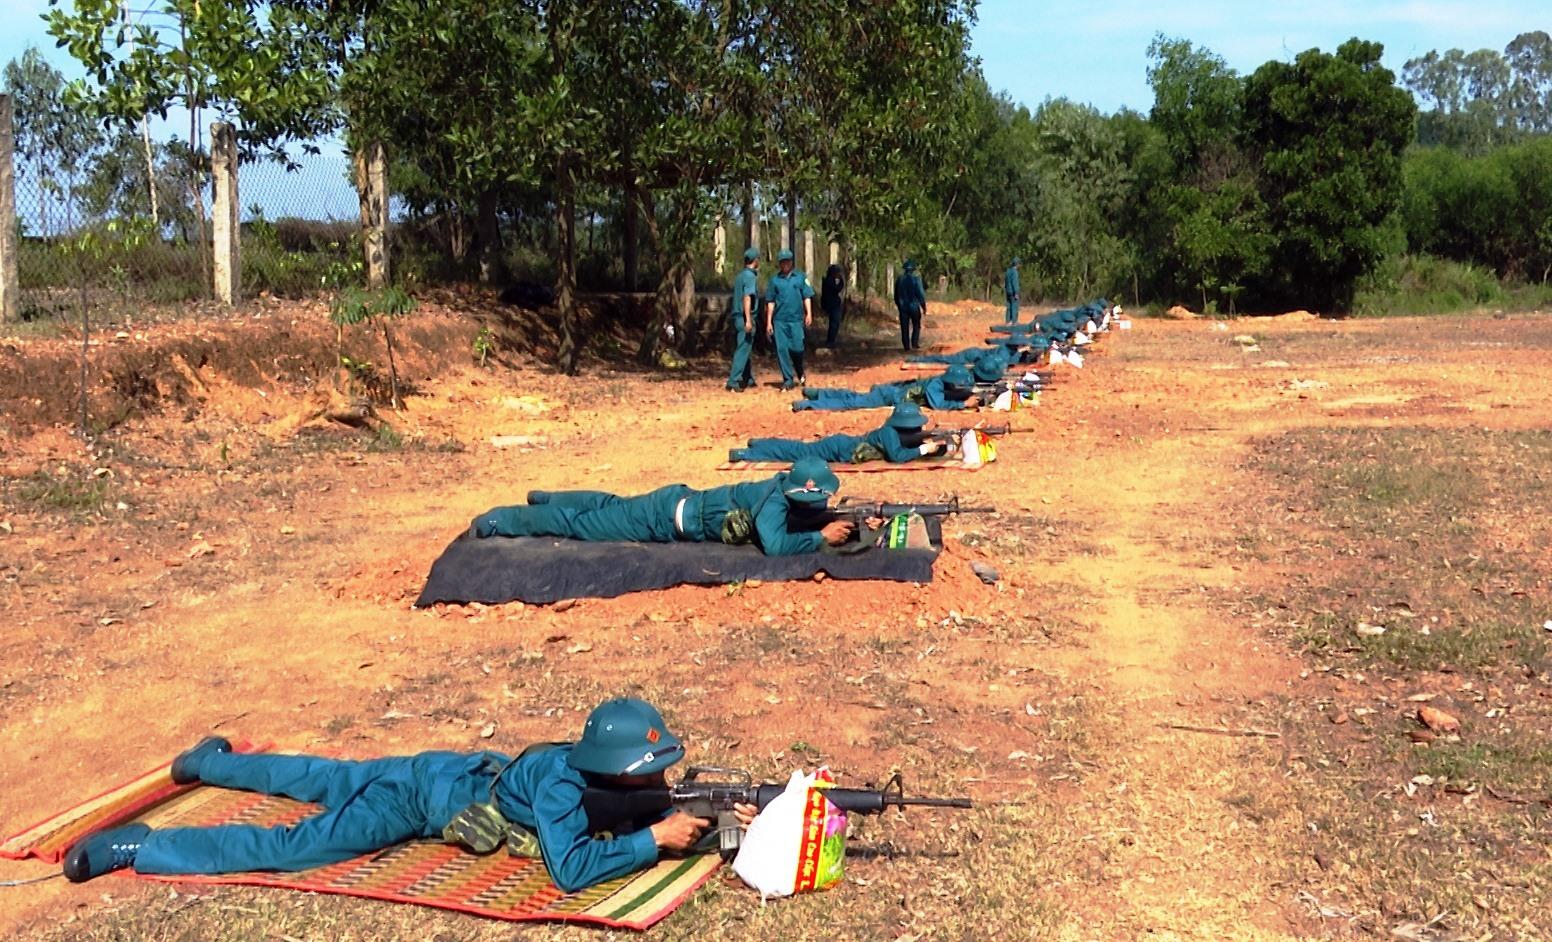 Các chiến sĩ dân quân thực hiện huấn luyện bài bắn súng trên thao trường.